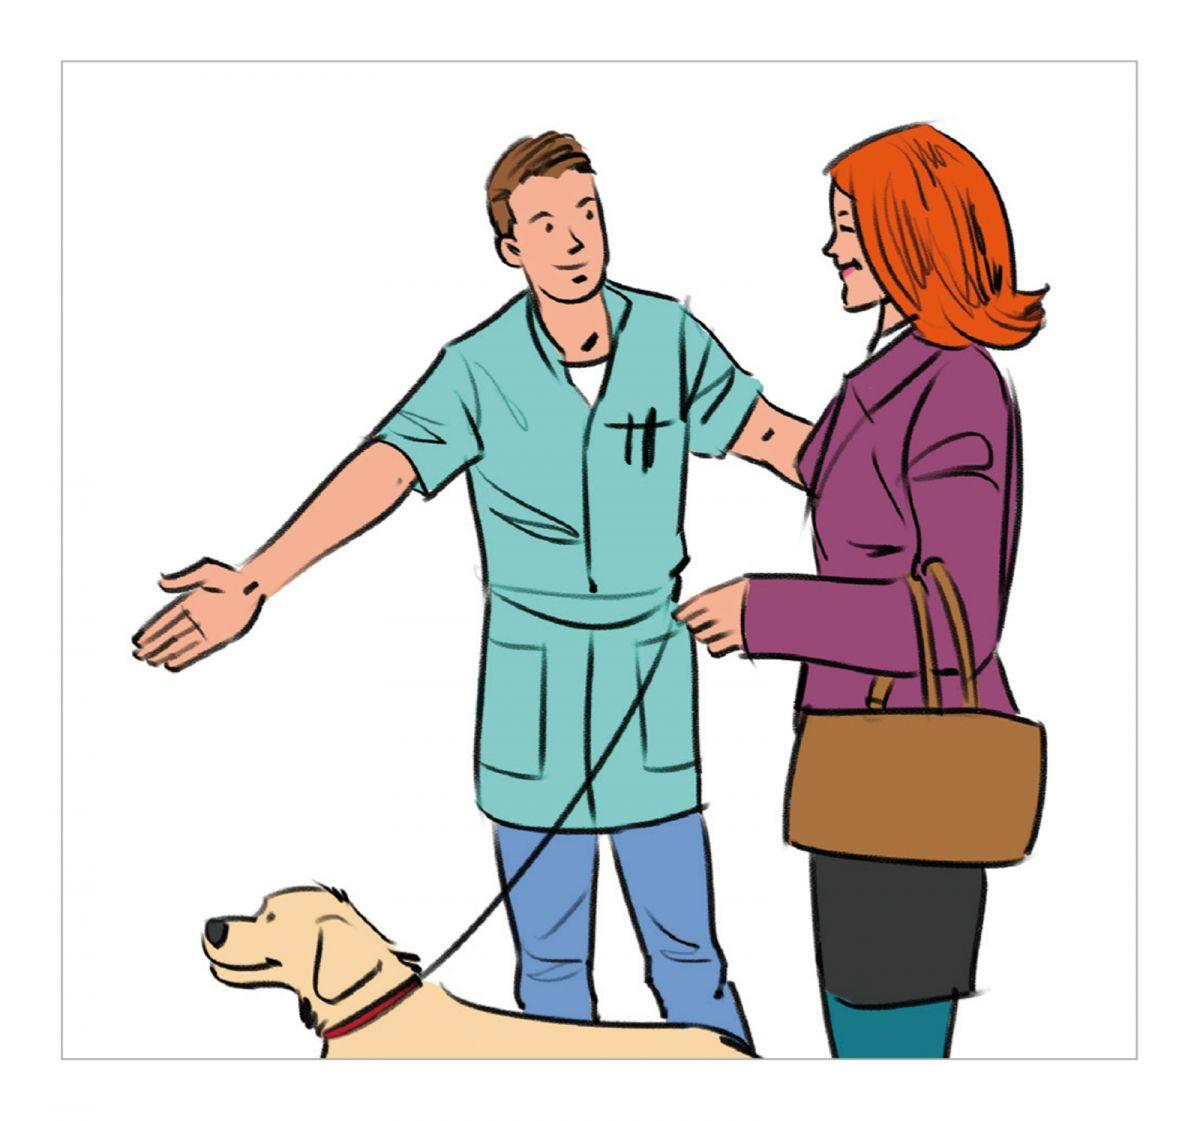 Kunden wollen den Tierarzt als Ihren Führer durch die Konsultation sehen, dem sie vertrauen, der sie durch die Untersuchungs- und Therapiereise begleitet und ihnen hilft, die richtigen Entscheidungen zu treffen.